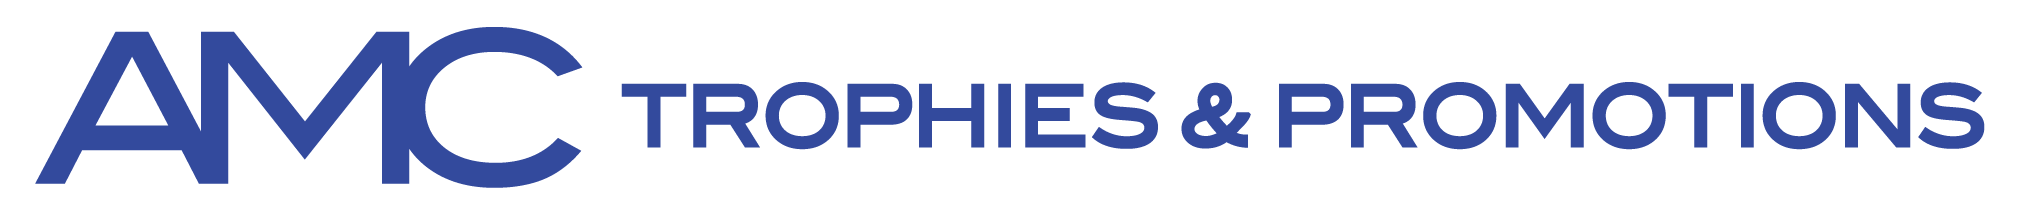 AMC Trophies & Promotions